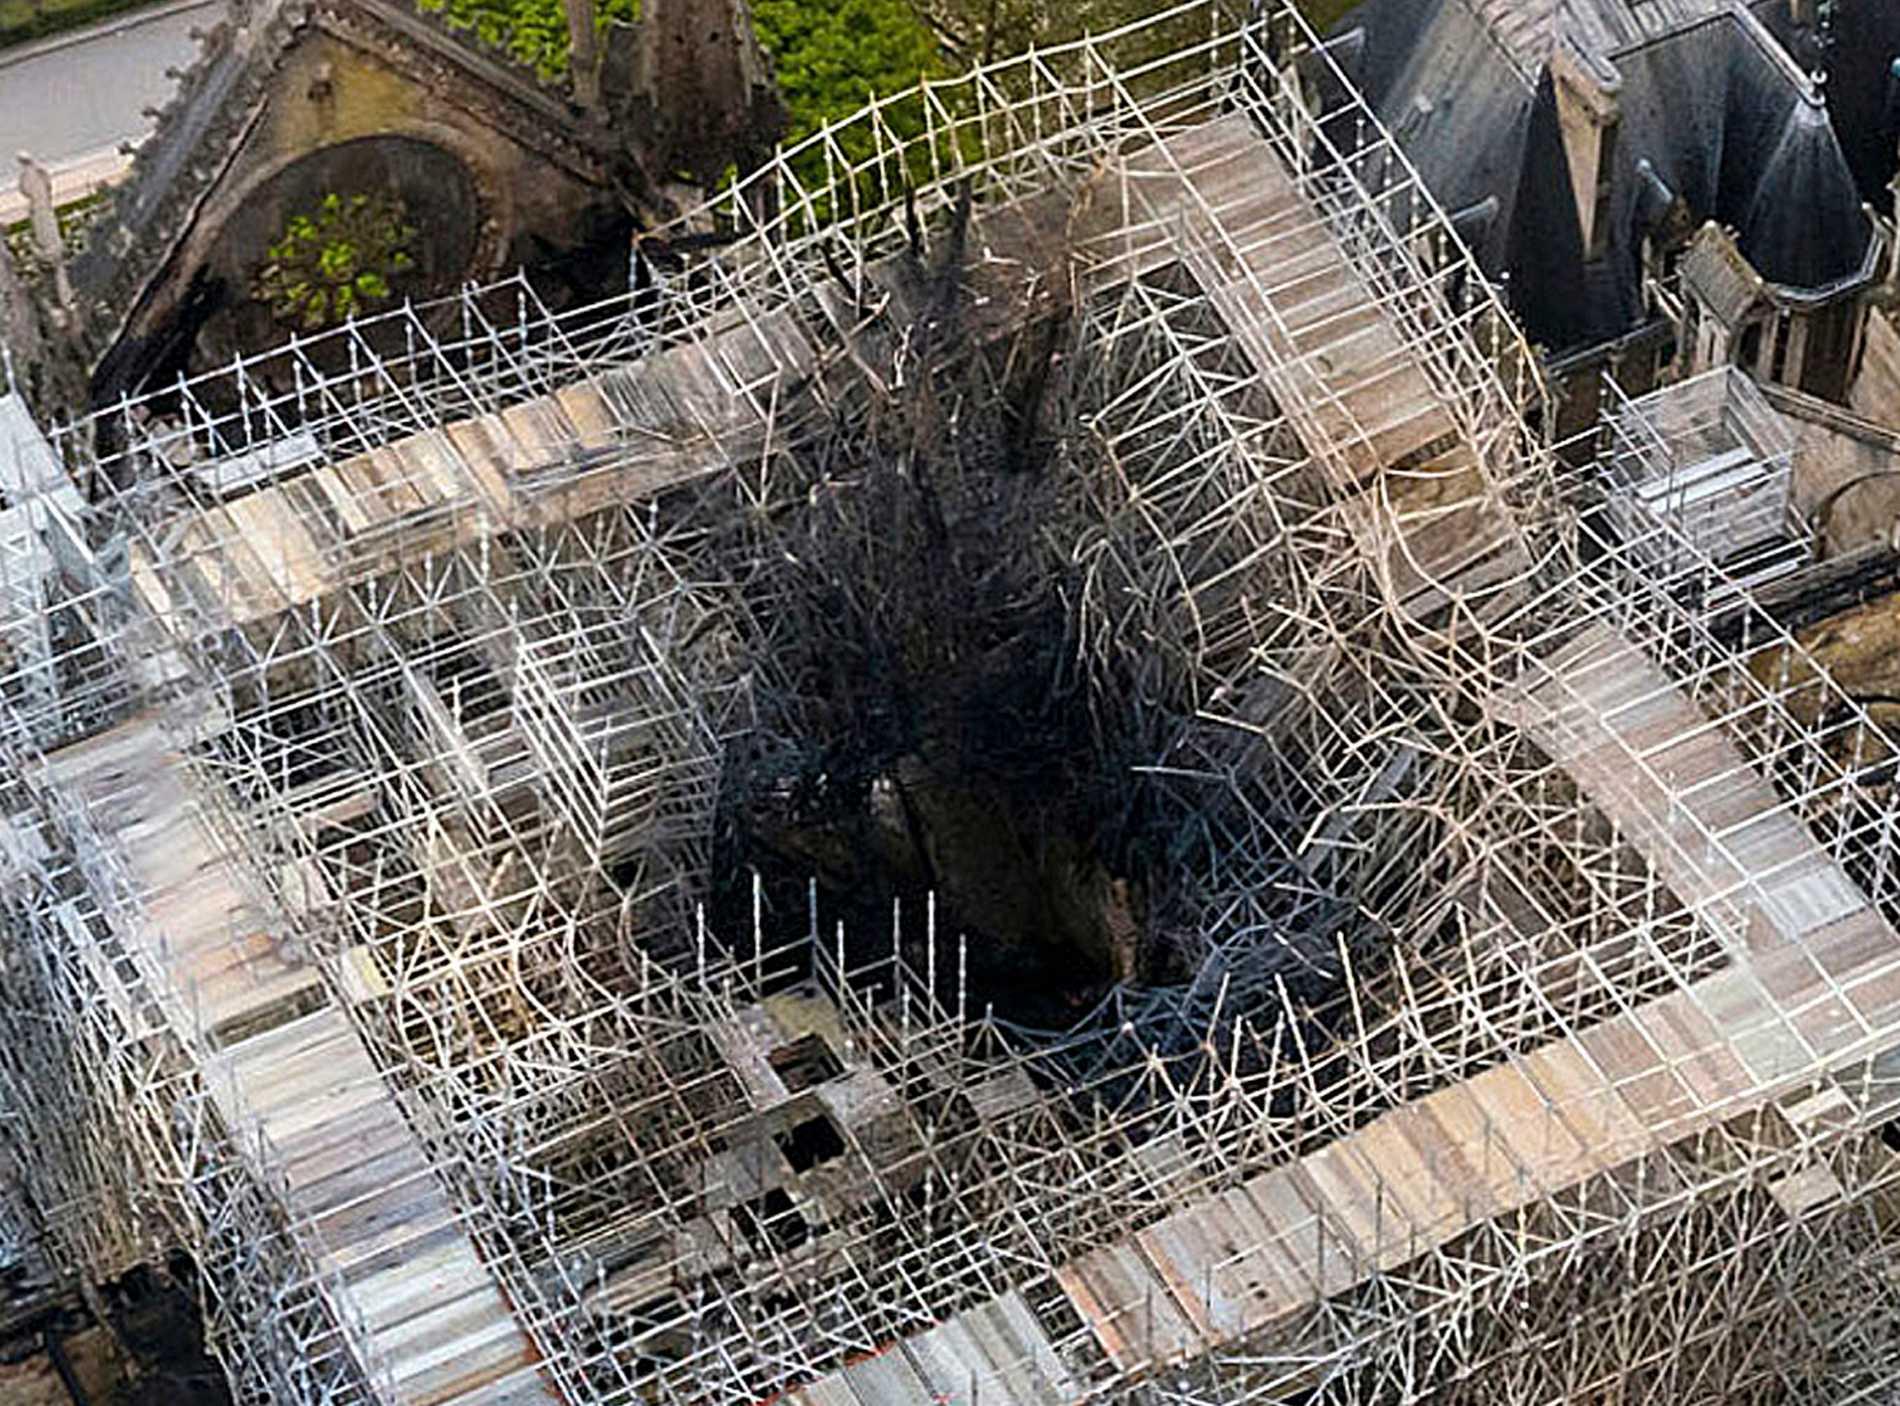 Här stod en gång katedralen Notre-Dames berömda spira. Efter branden i april kvarstår bara byggställningar som nu ska monteras ned. Arkivbild.